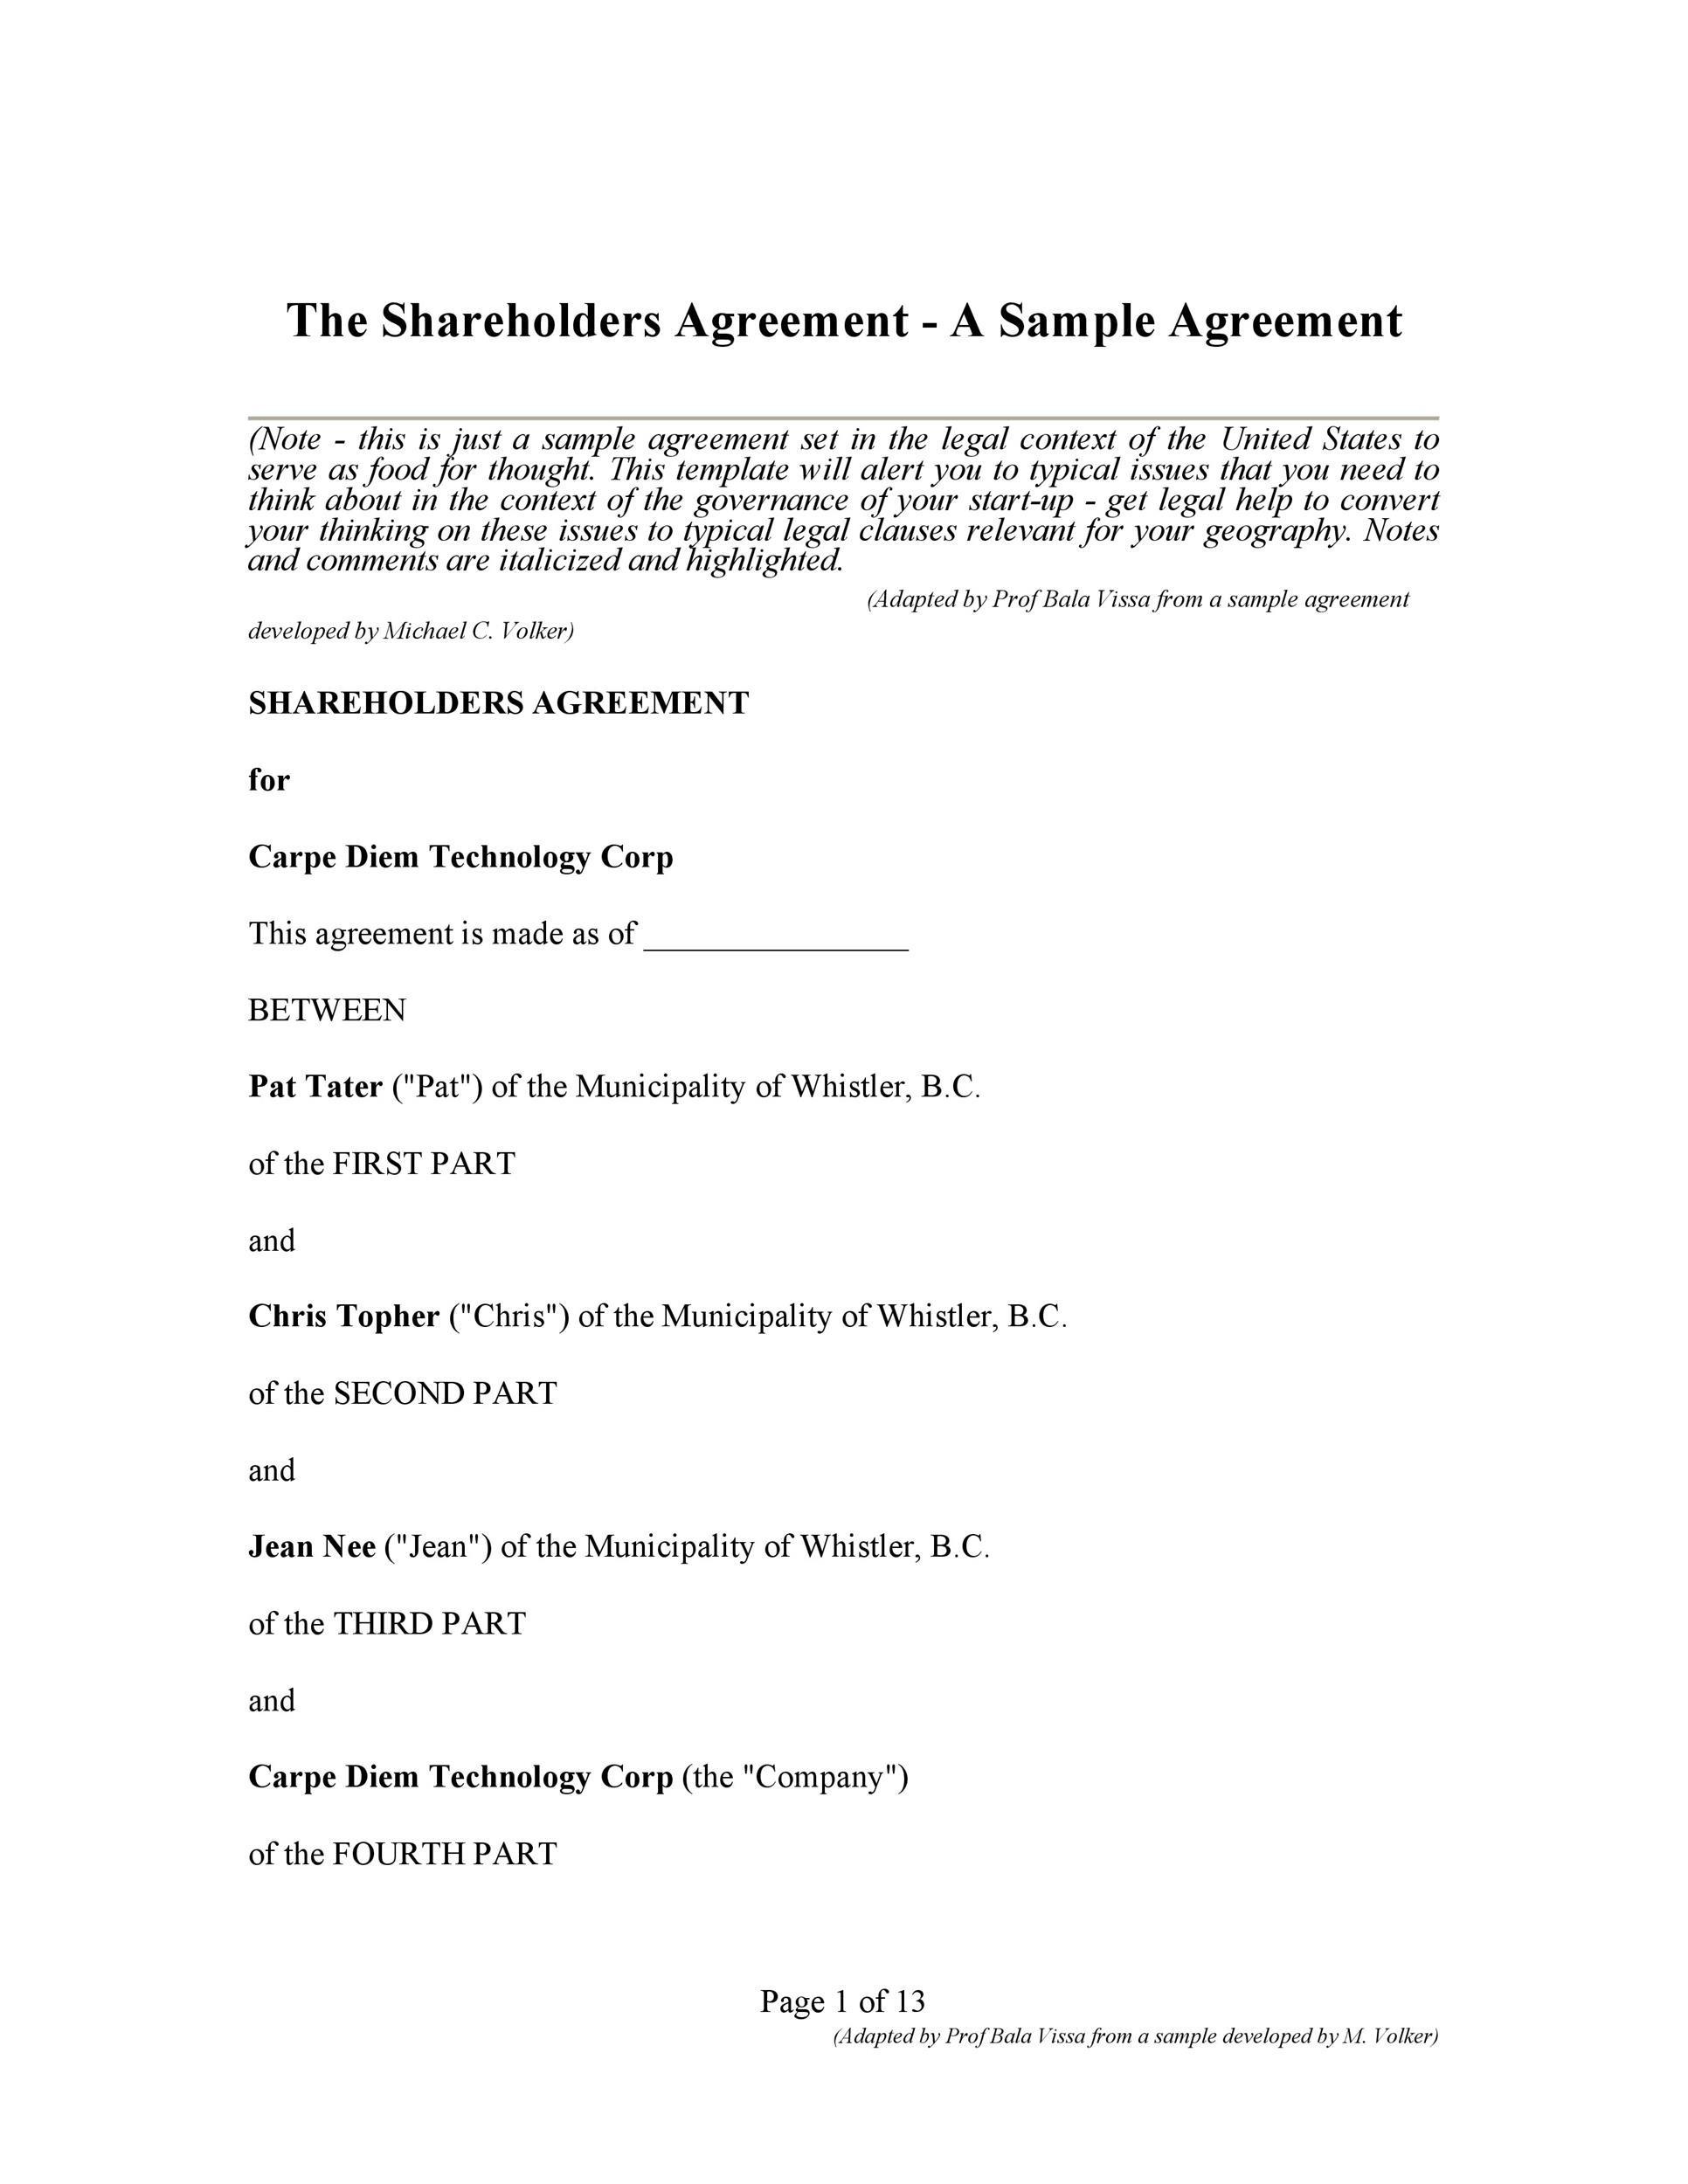 Free shareholder agreement 10